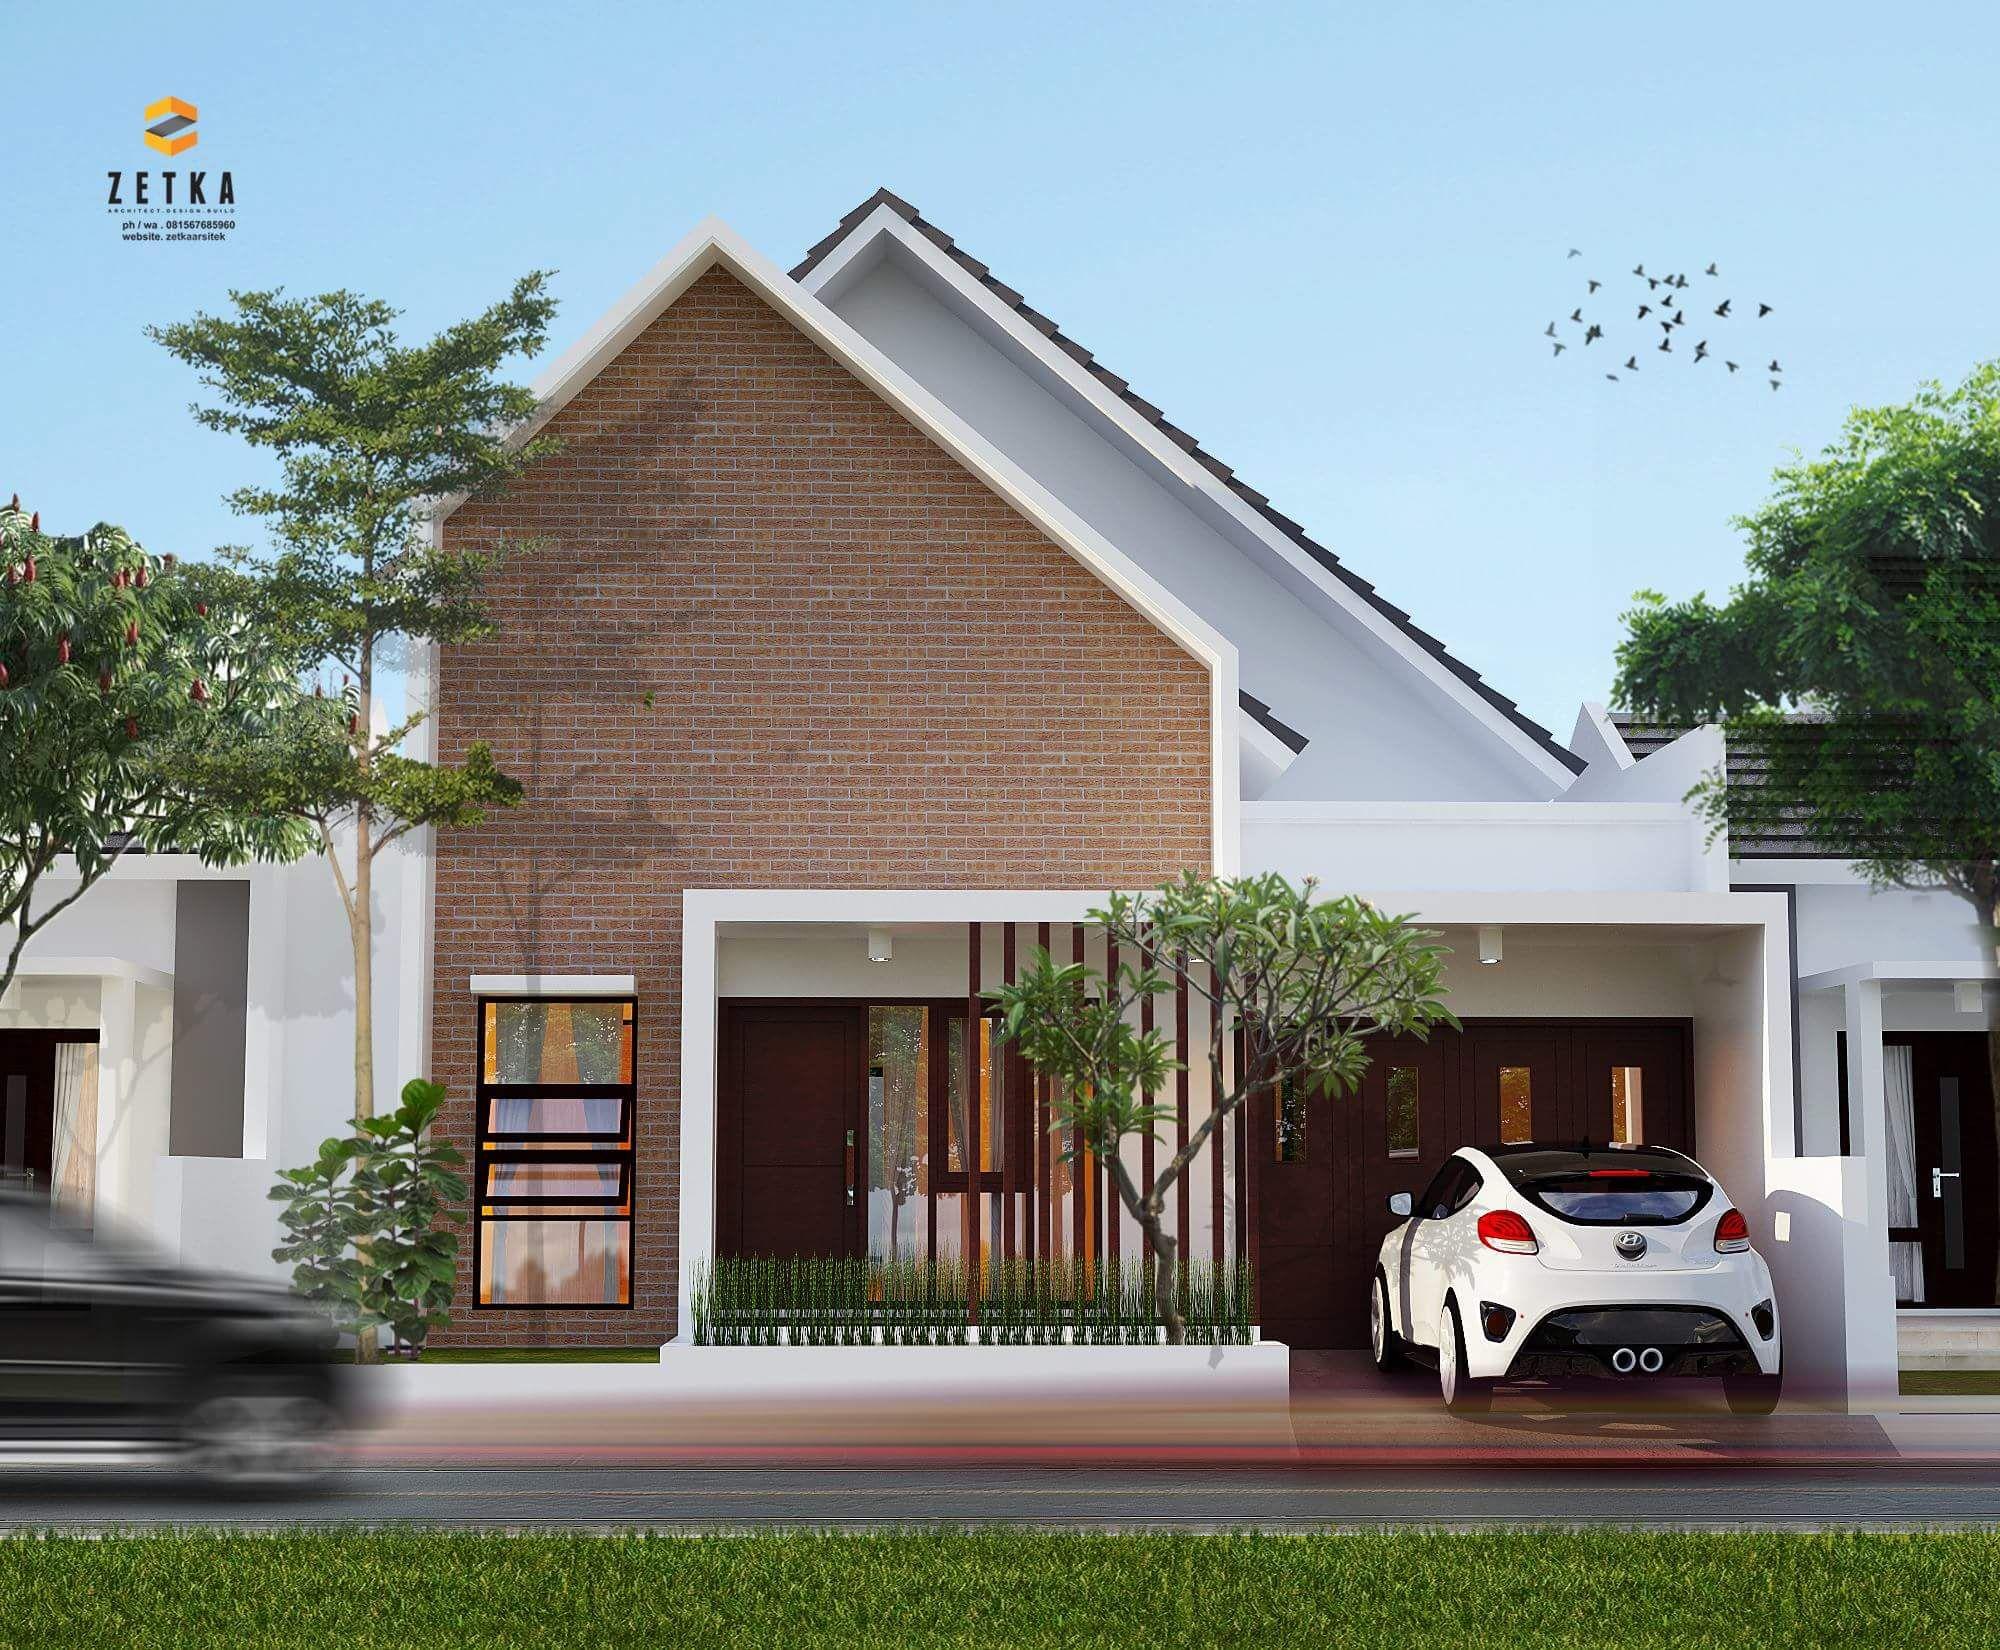 100 Gambar Rumah Sederhana Atap Miring Terbaru